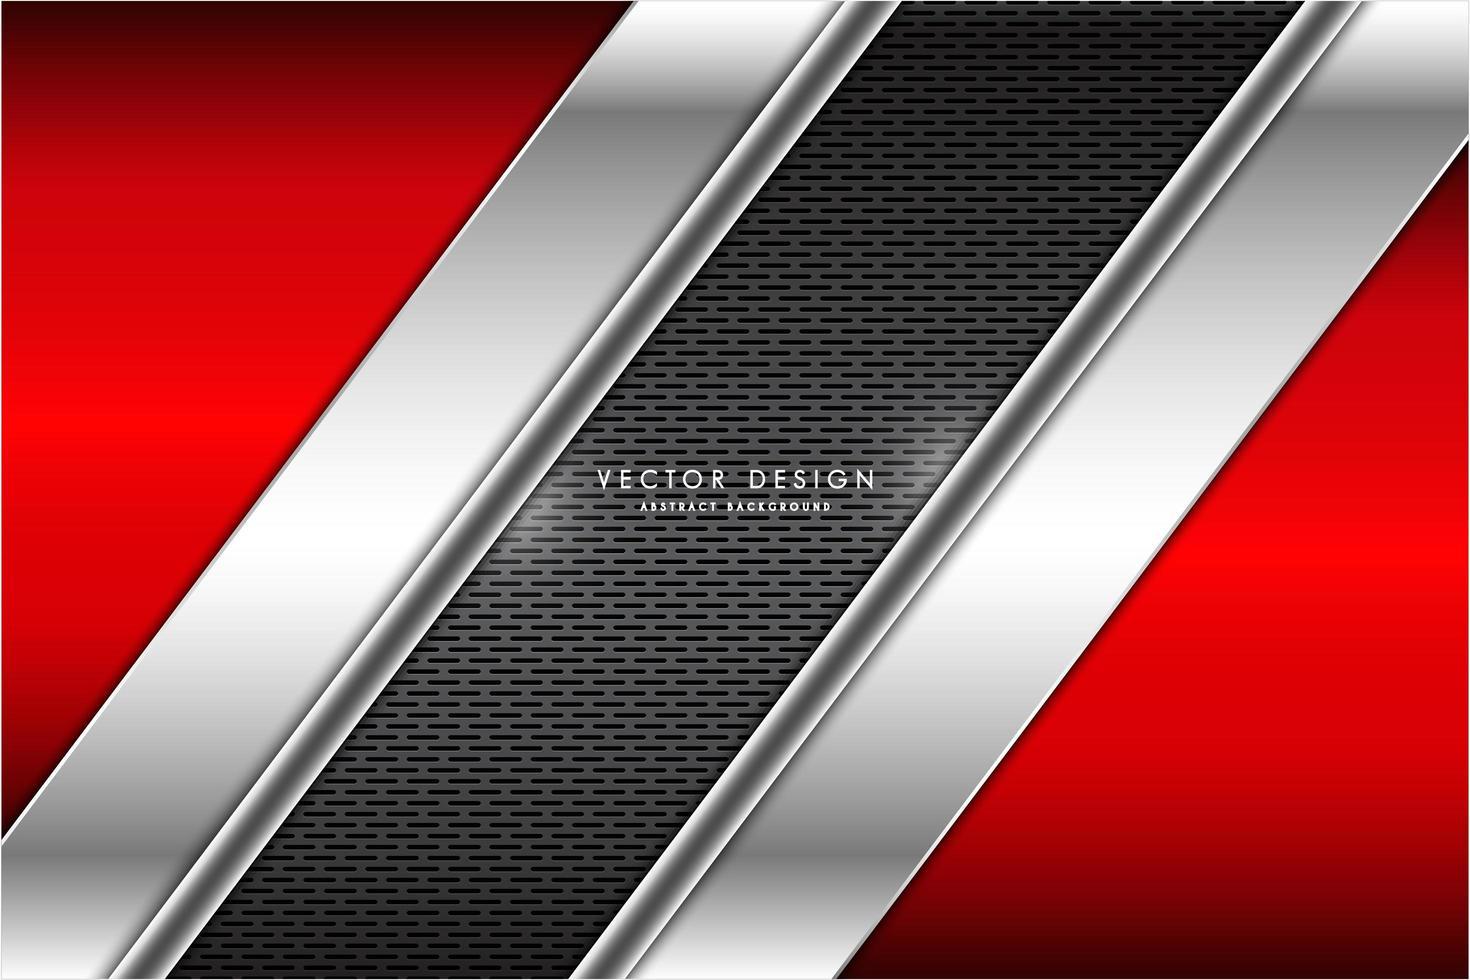 Panneaux rouges et argentés à angle métallique sur la texture de la grille vecteur